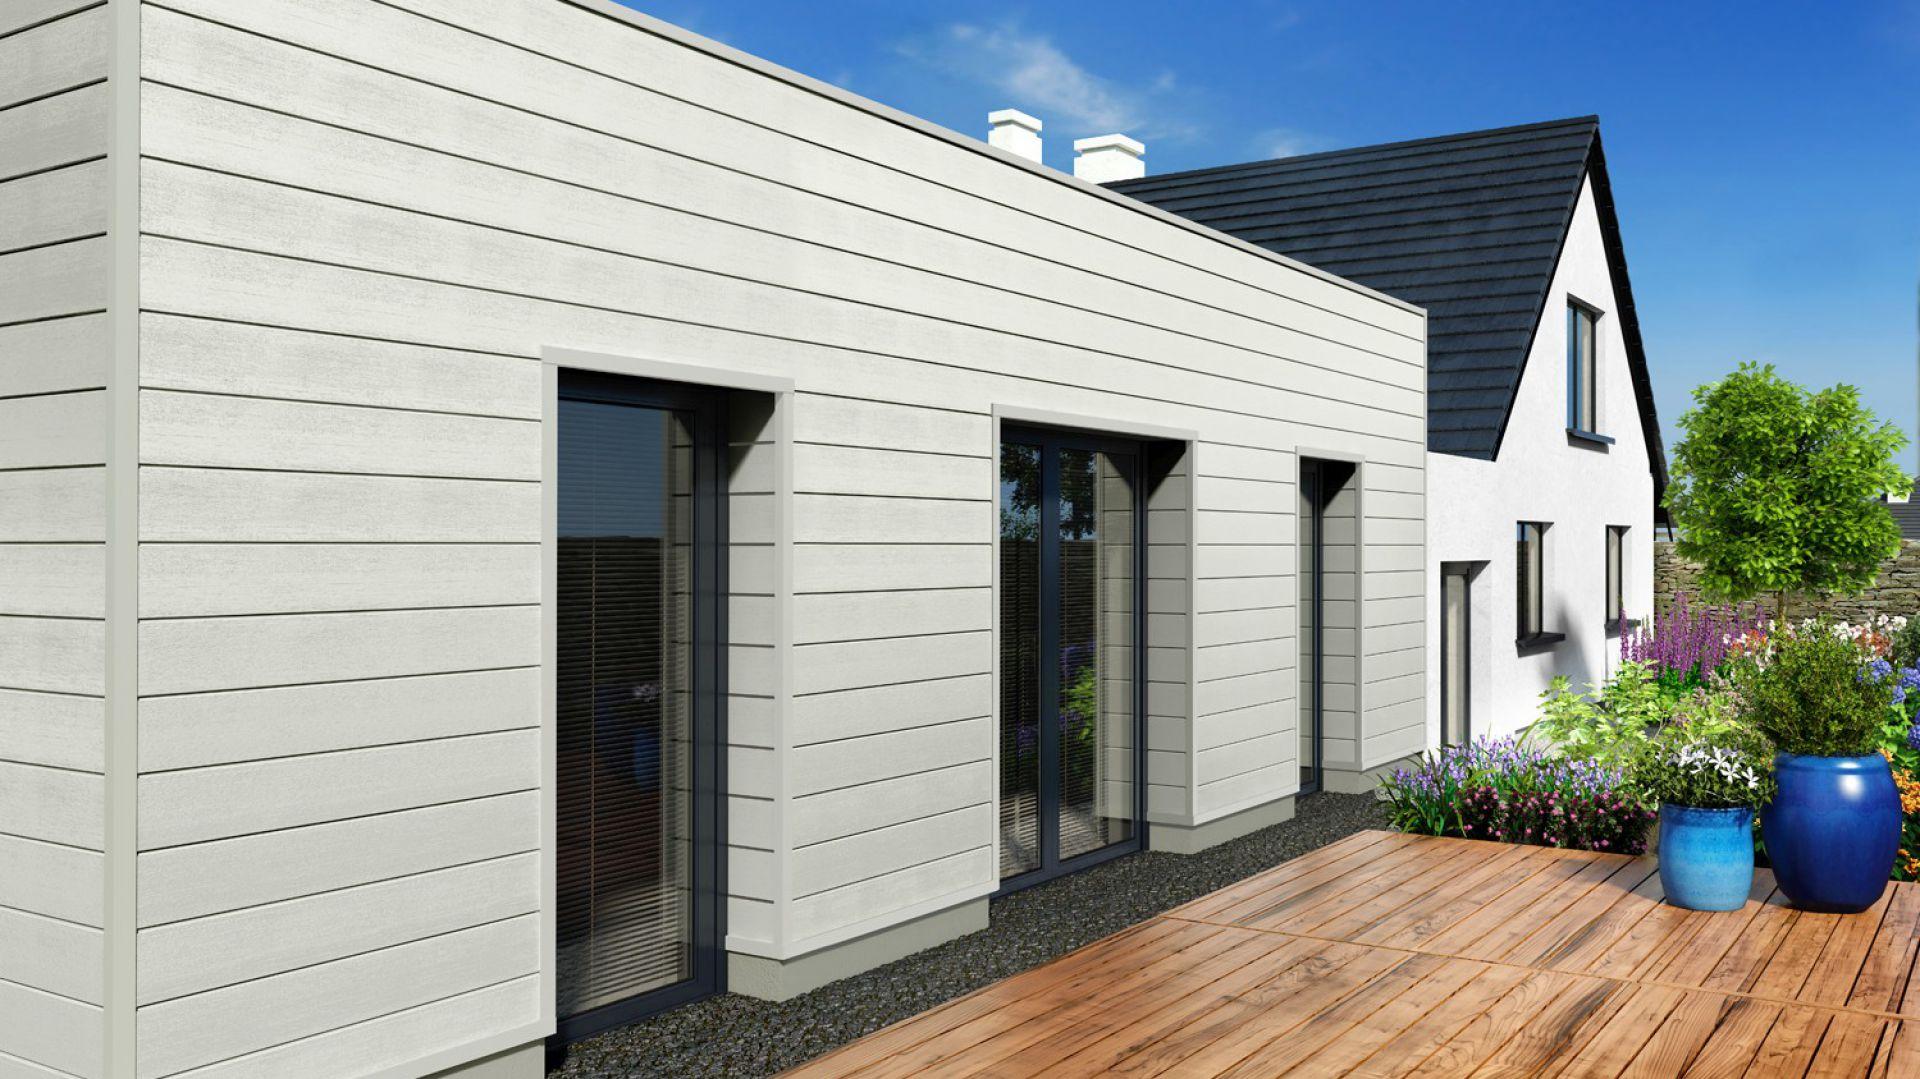 Elewacja domu w zgodzie z naturą: Kerrafront Modern Wood. Fot. Vox